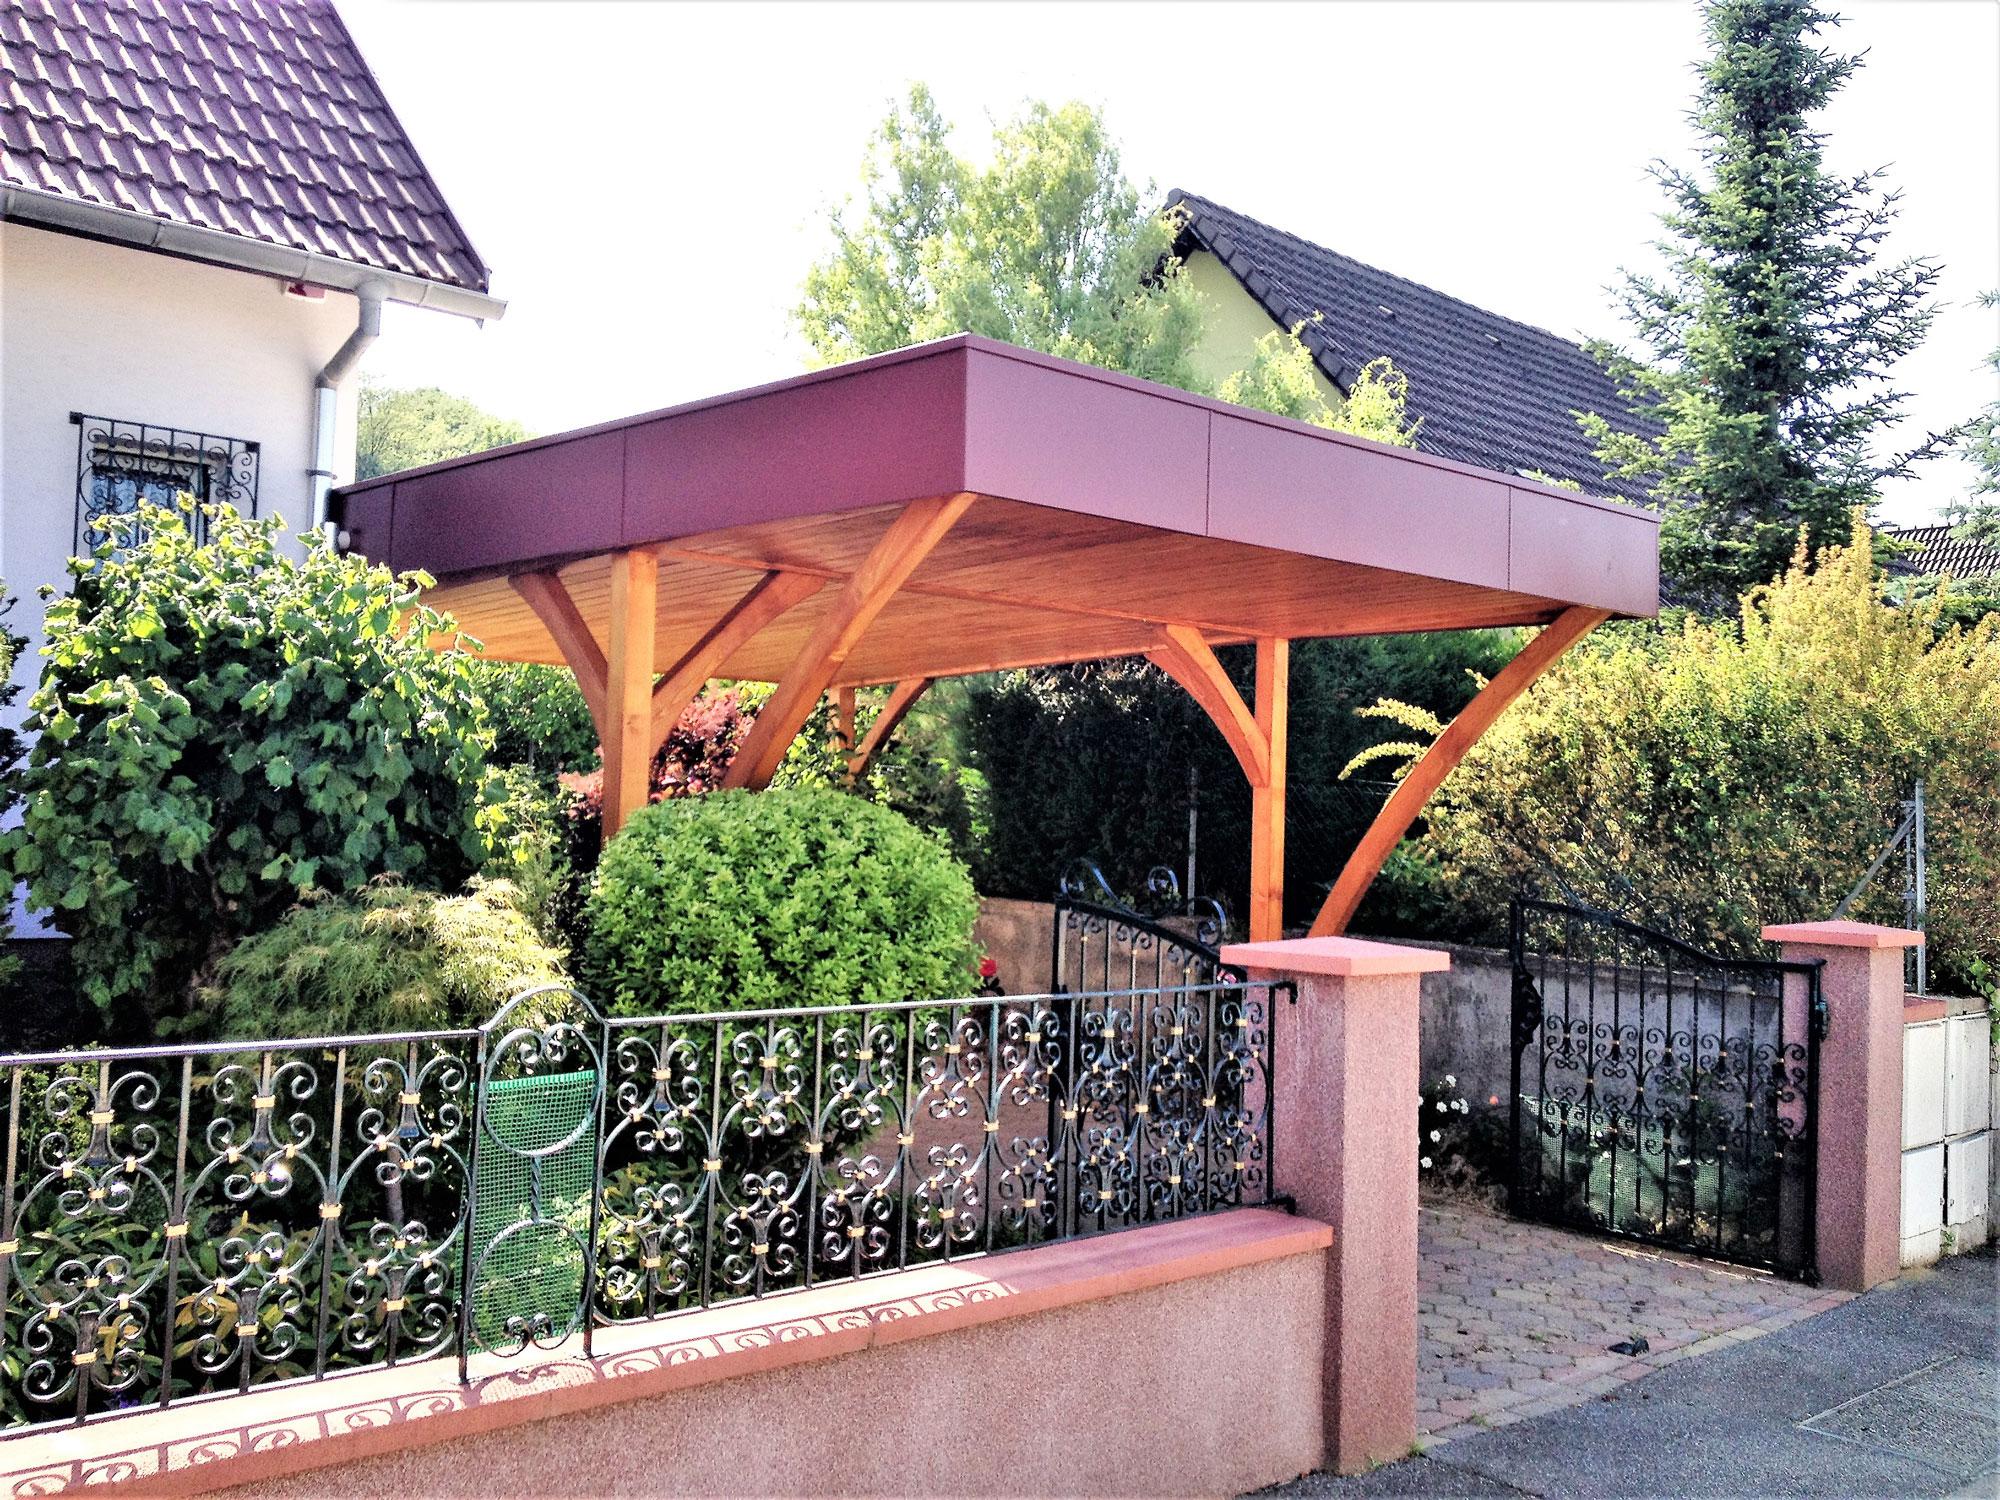 Fabricant Carport Bois - Fabricant de garages en bois et de carport en Alsace Maisons bois LUTZ